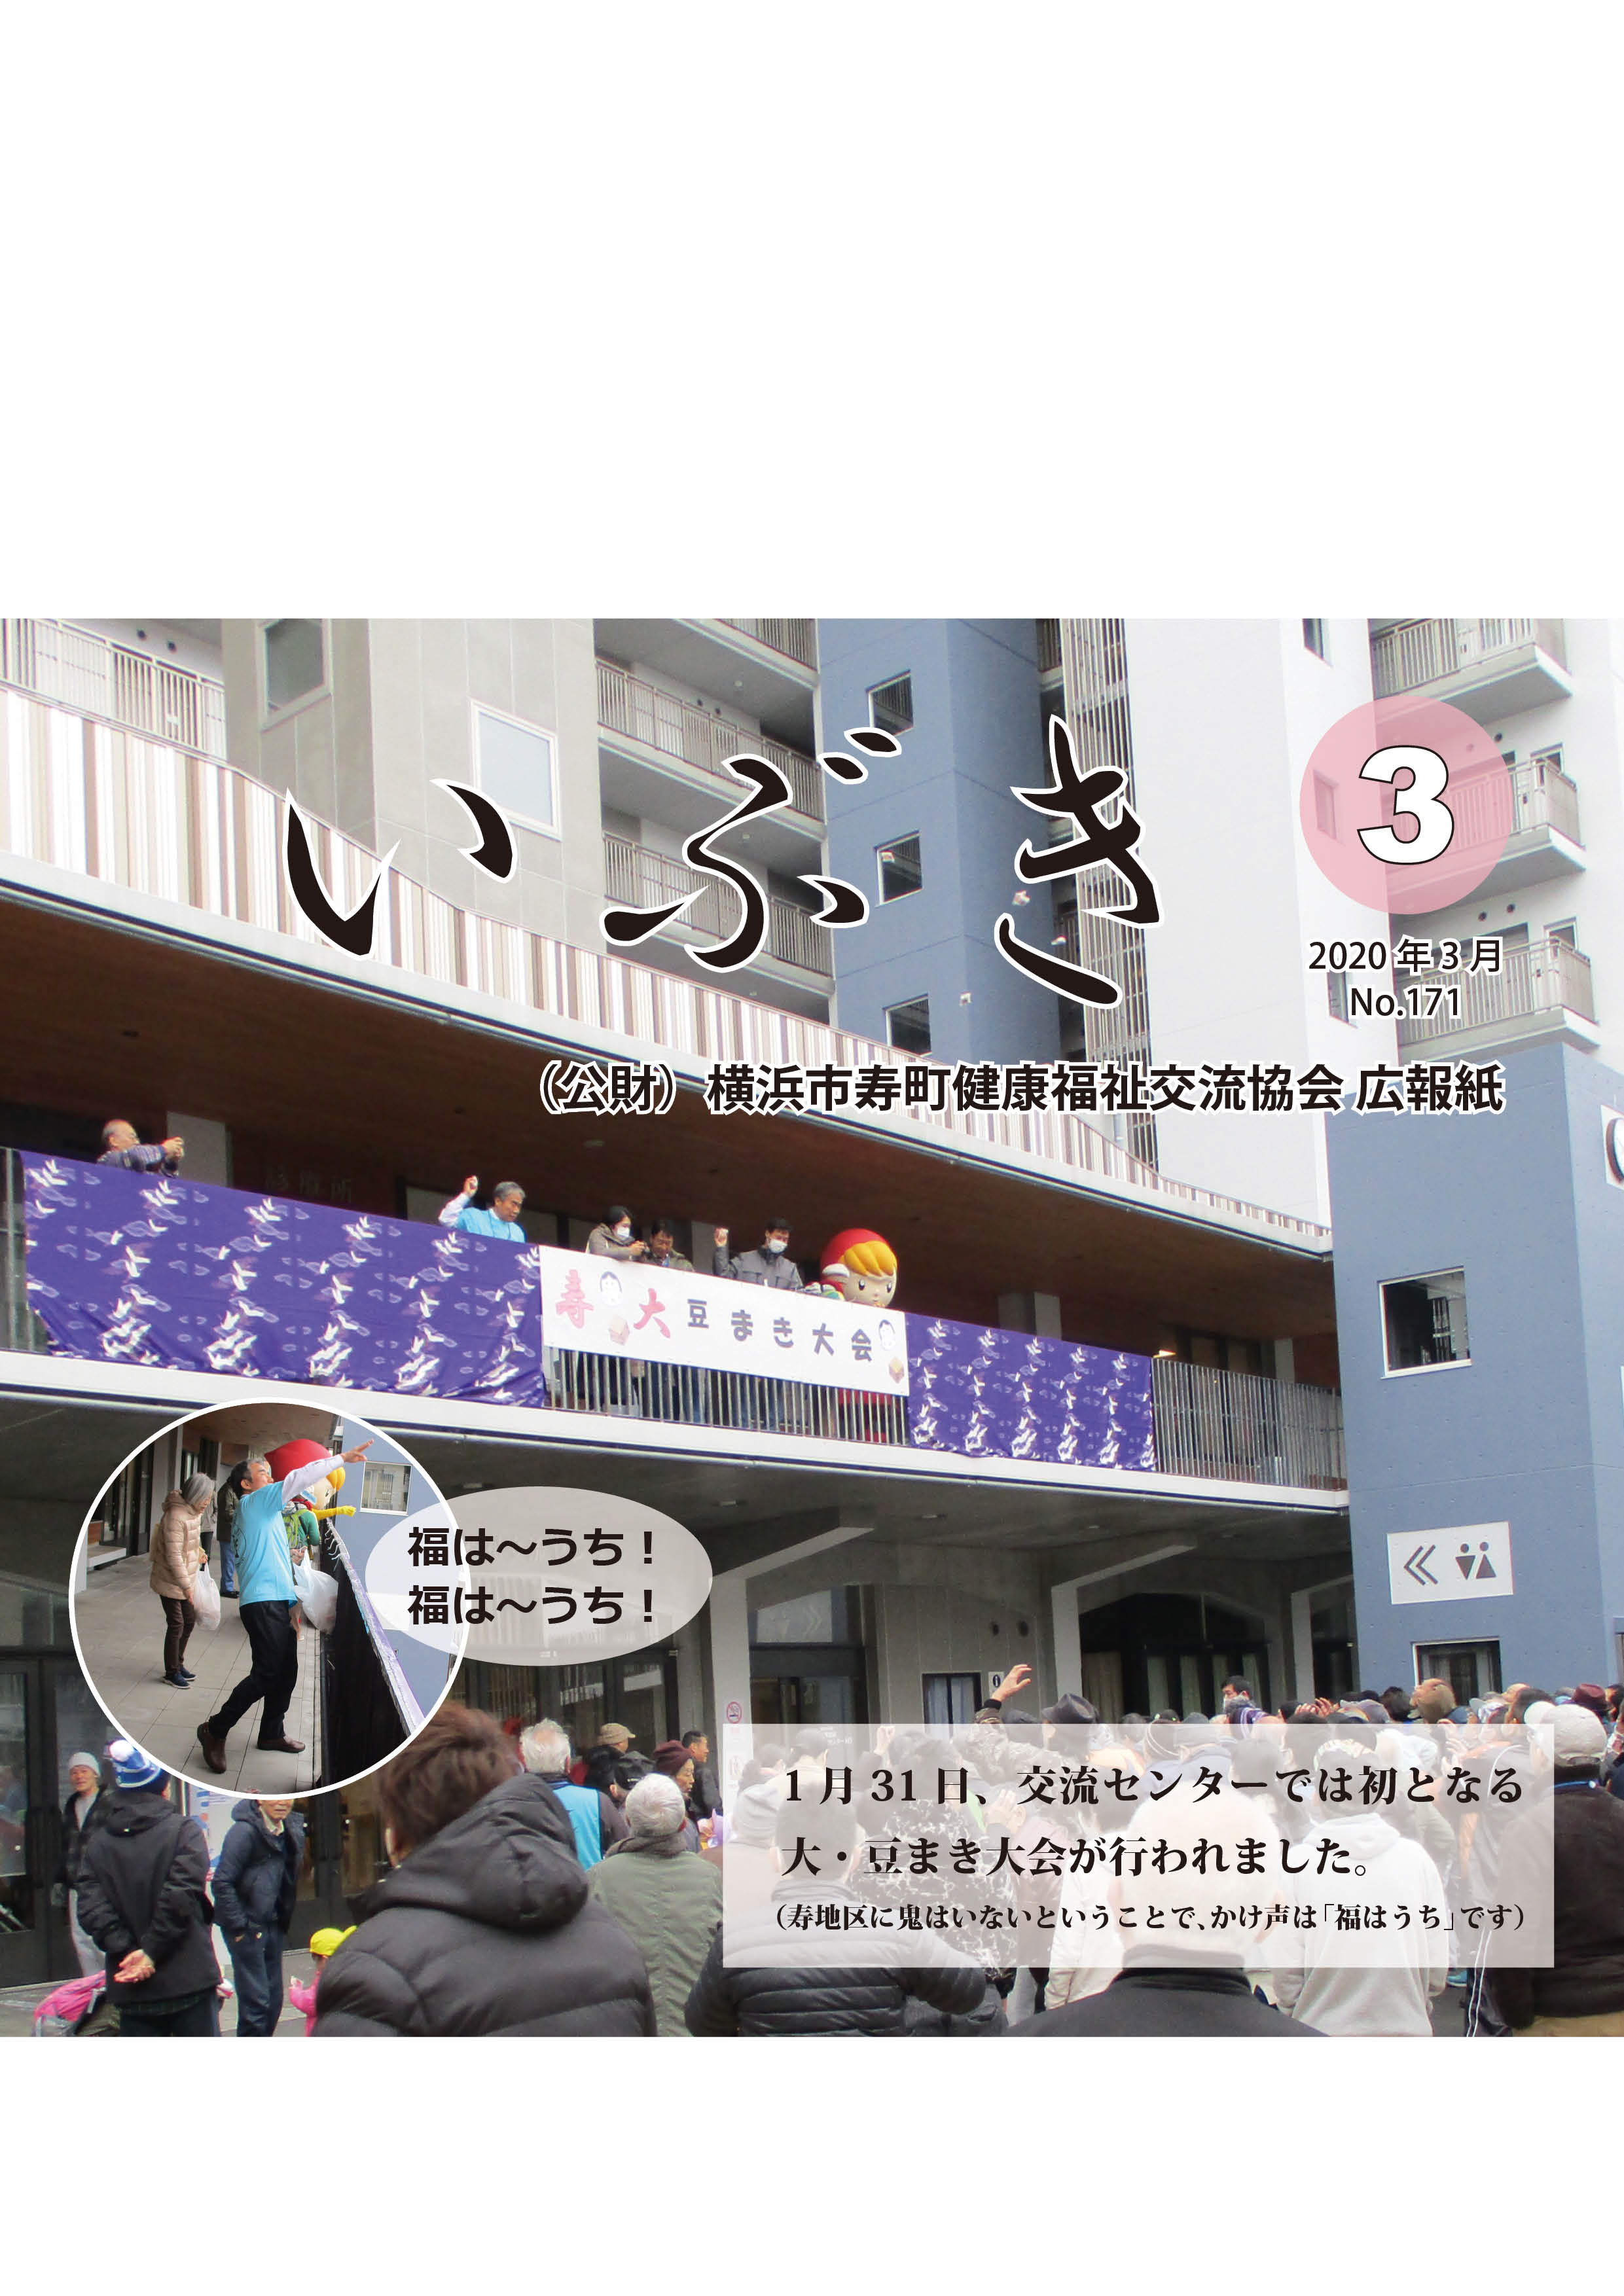 広報紙いぶき2020年3月号(No.171)